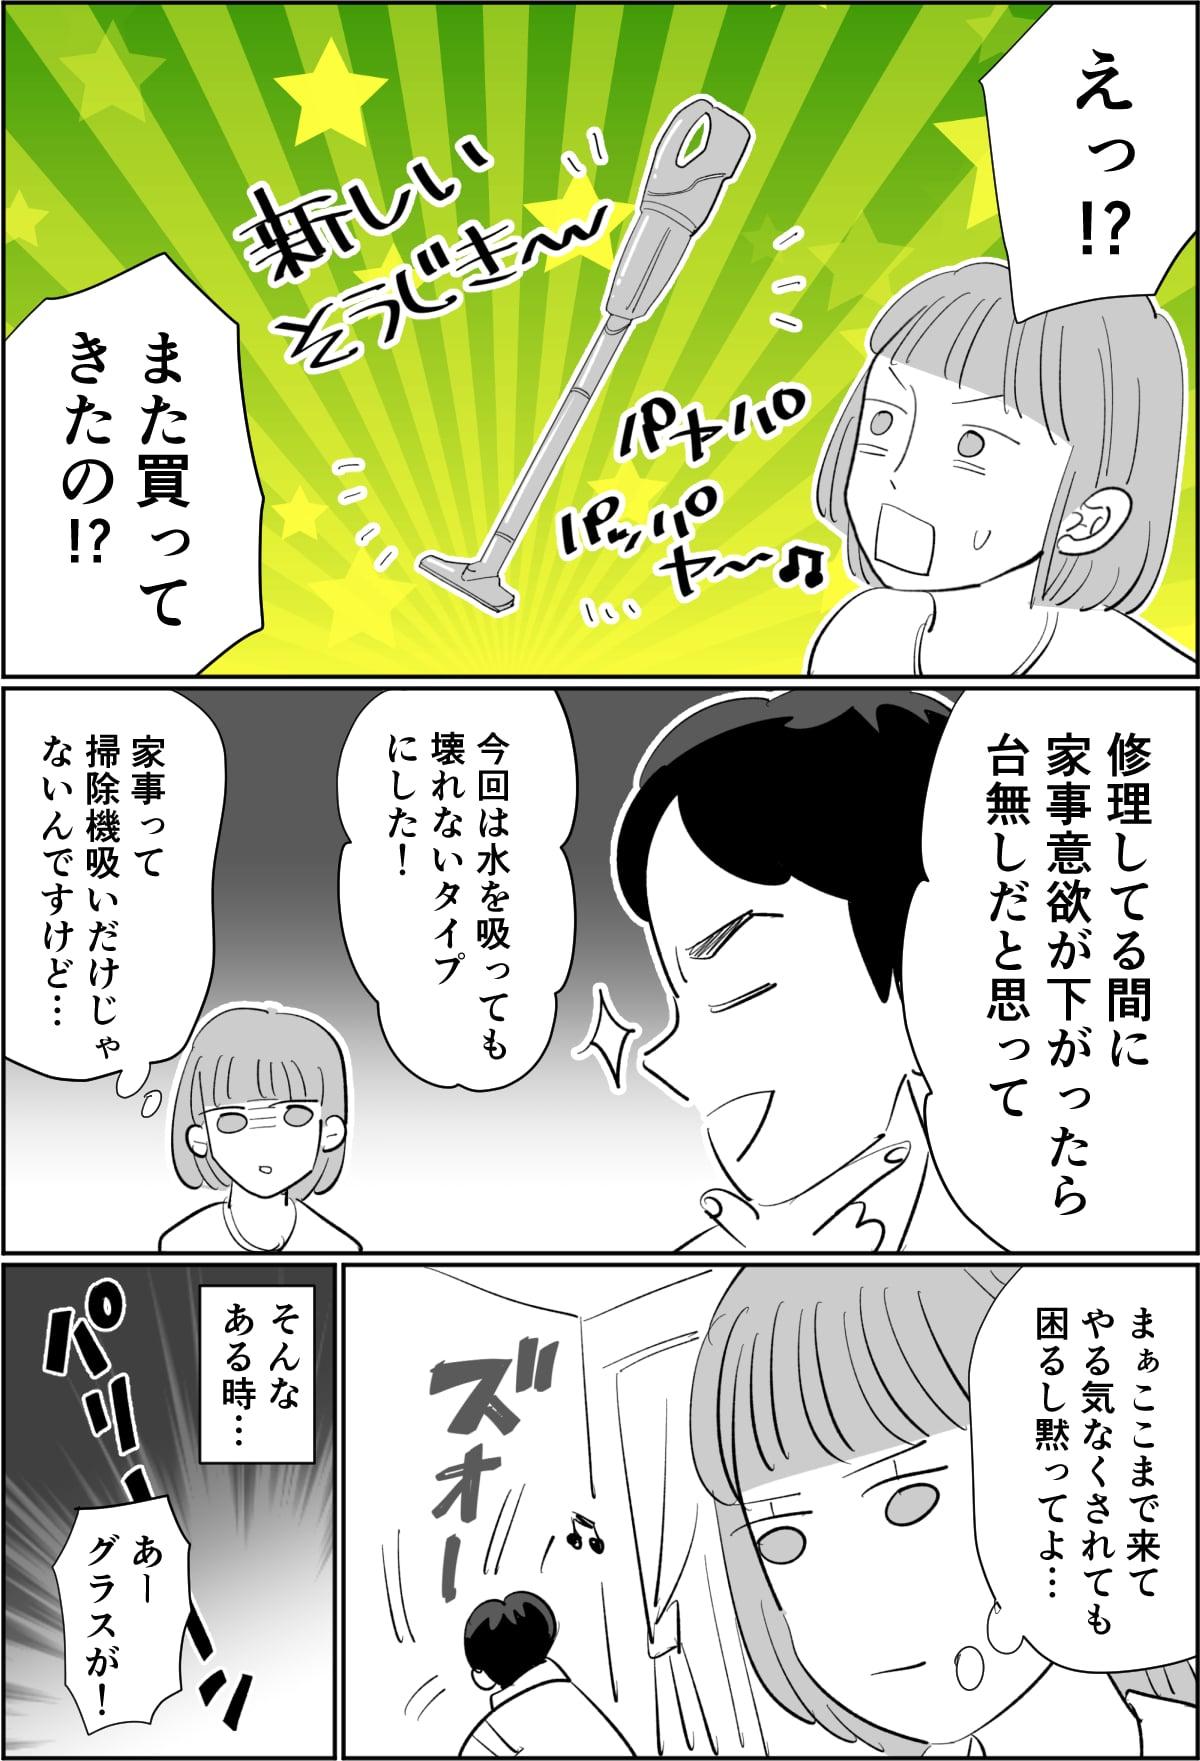 【後編:ギリギリ旦那11】-1